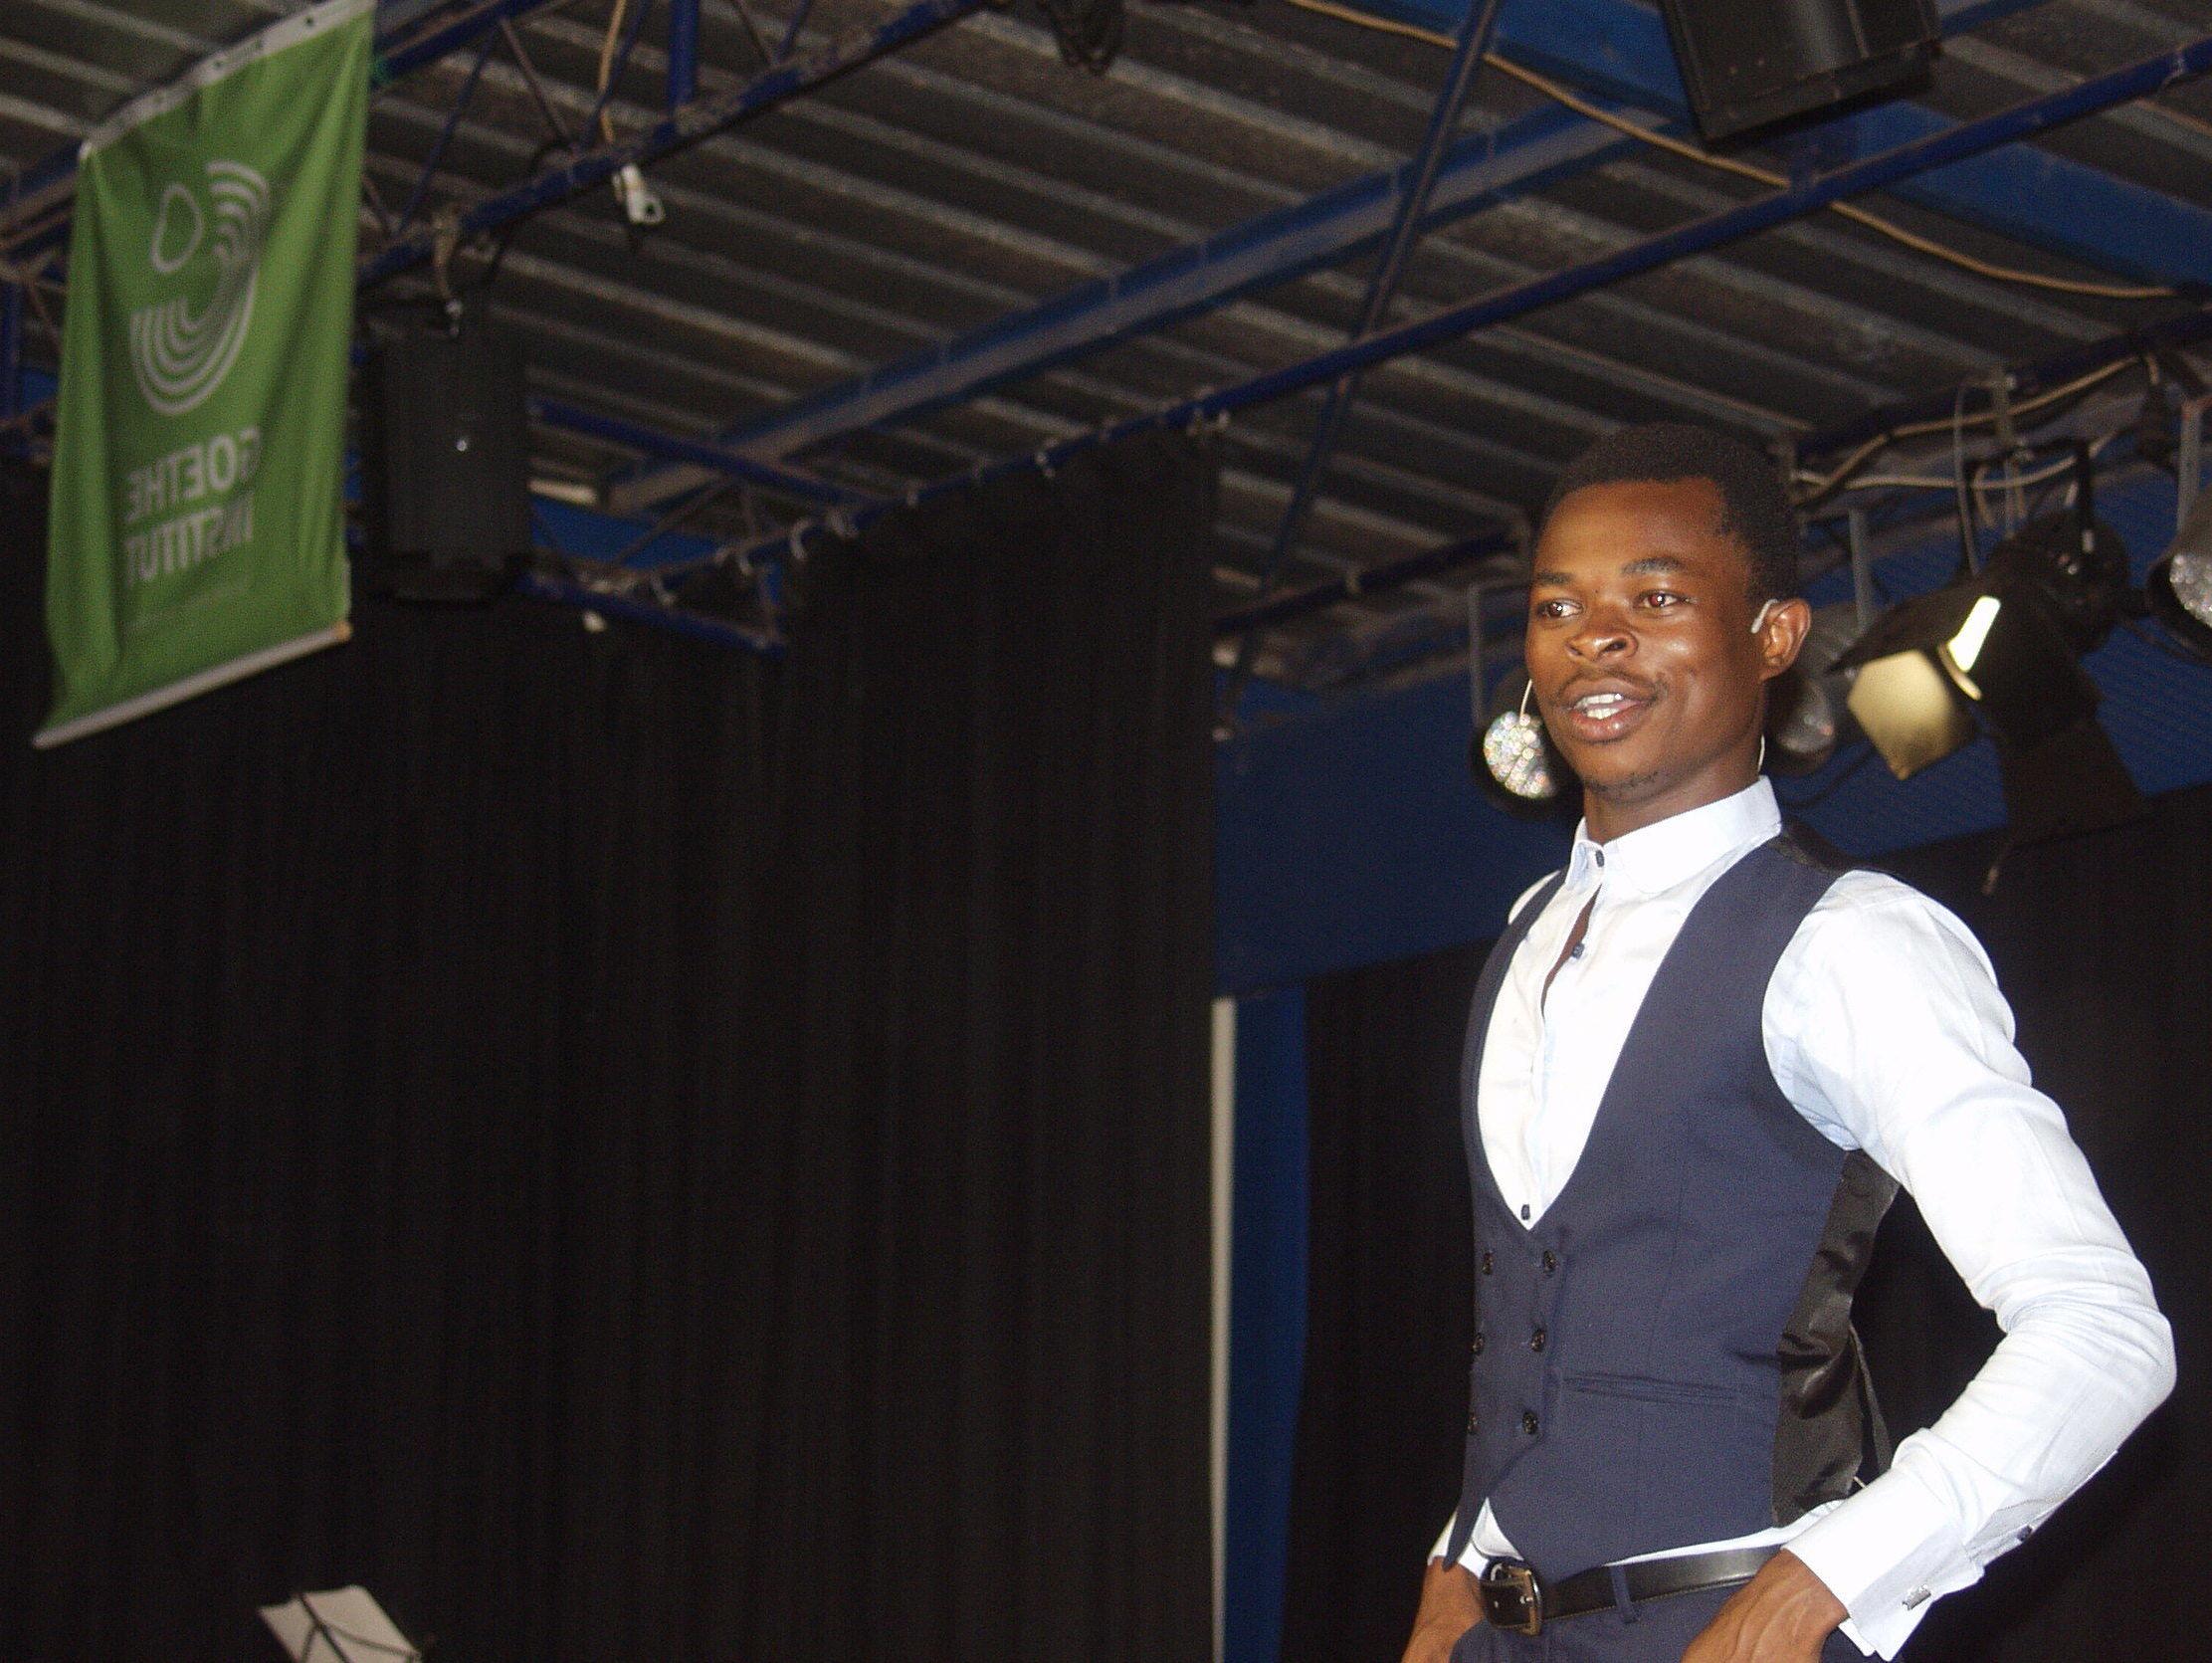 Ulrich Takam sur scène lors d'un spectacle à Yaoundé